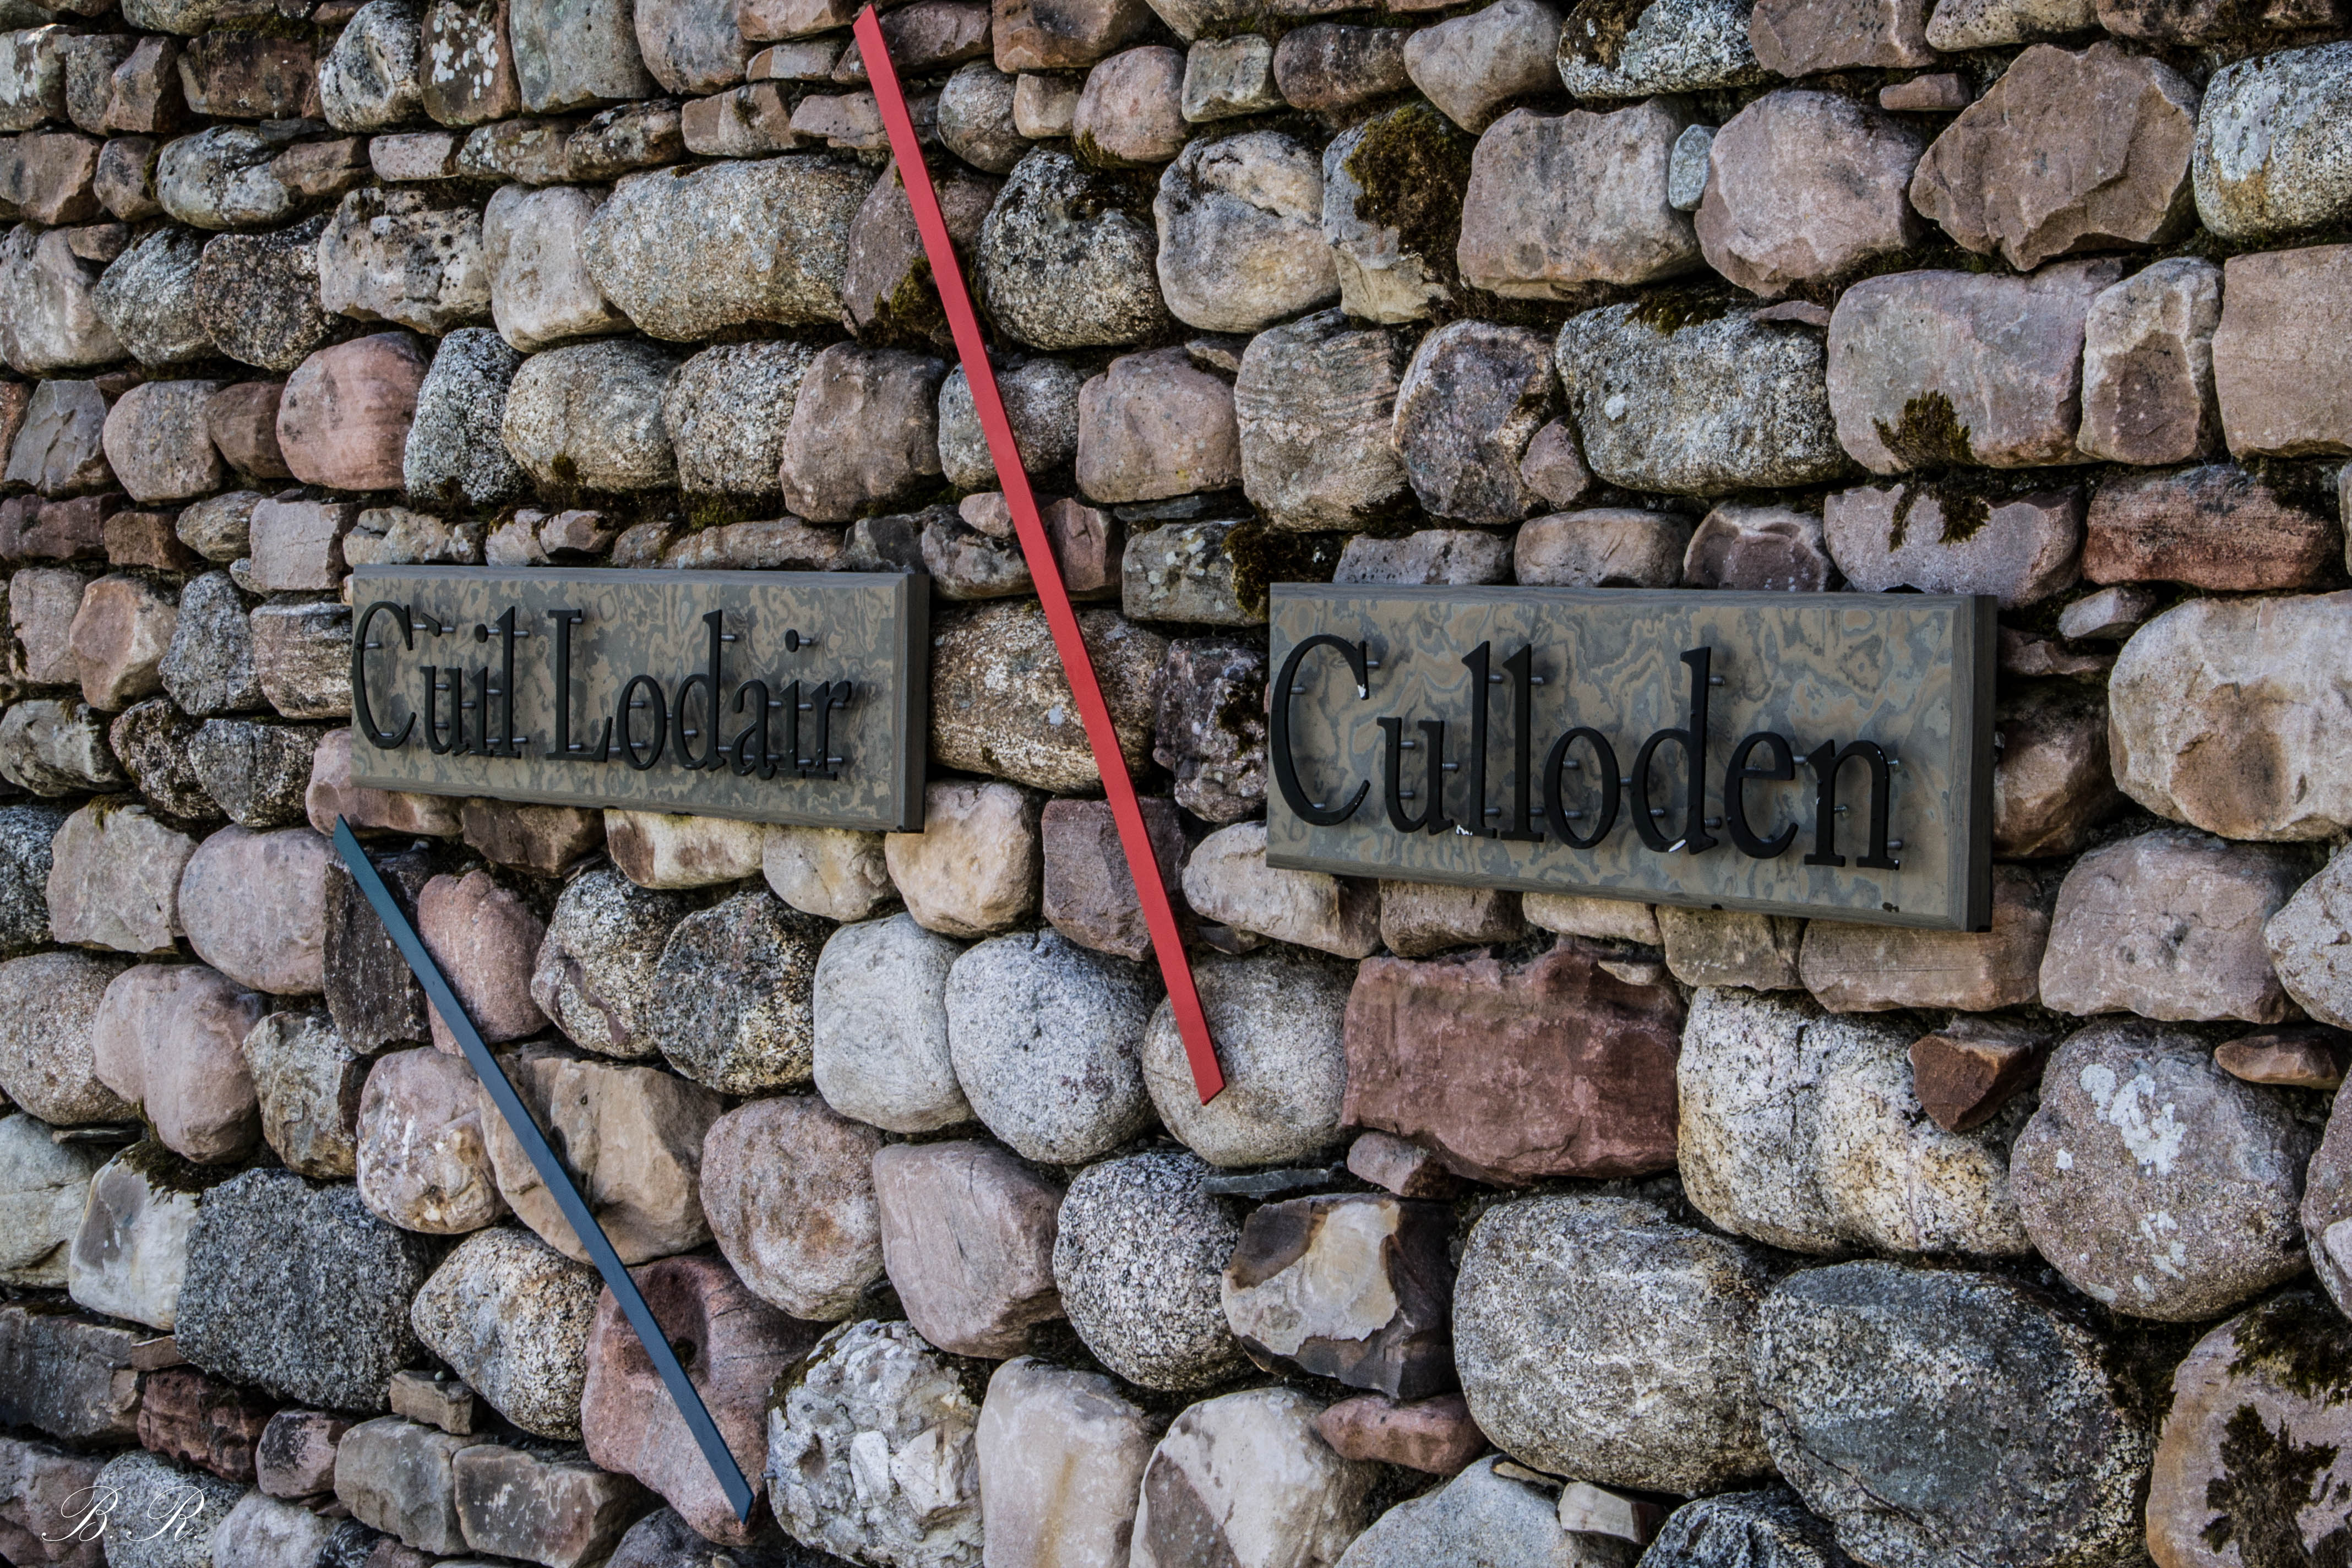 Culloden